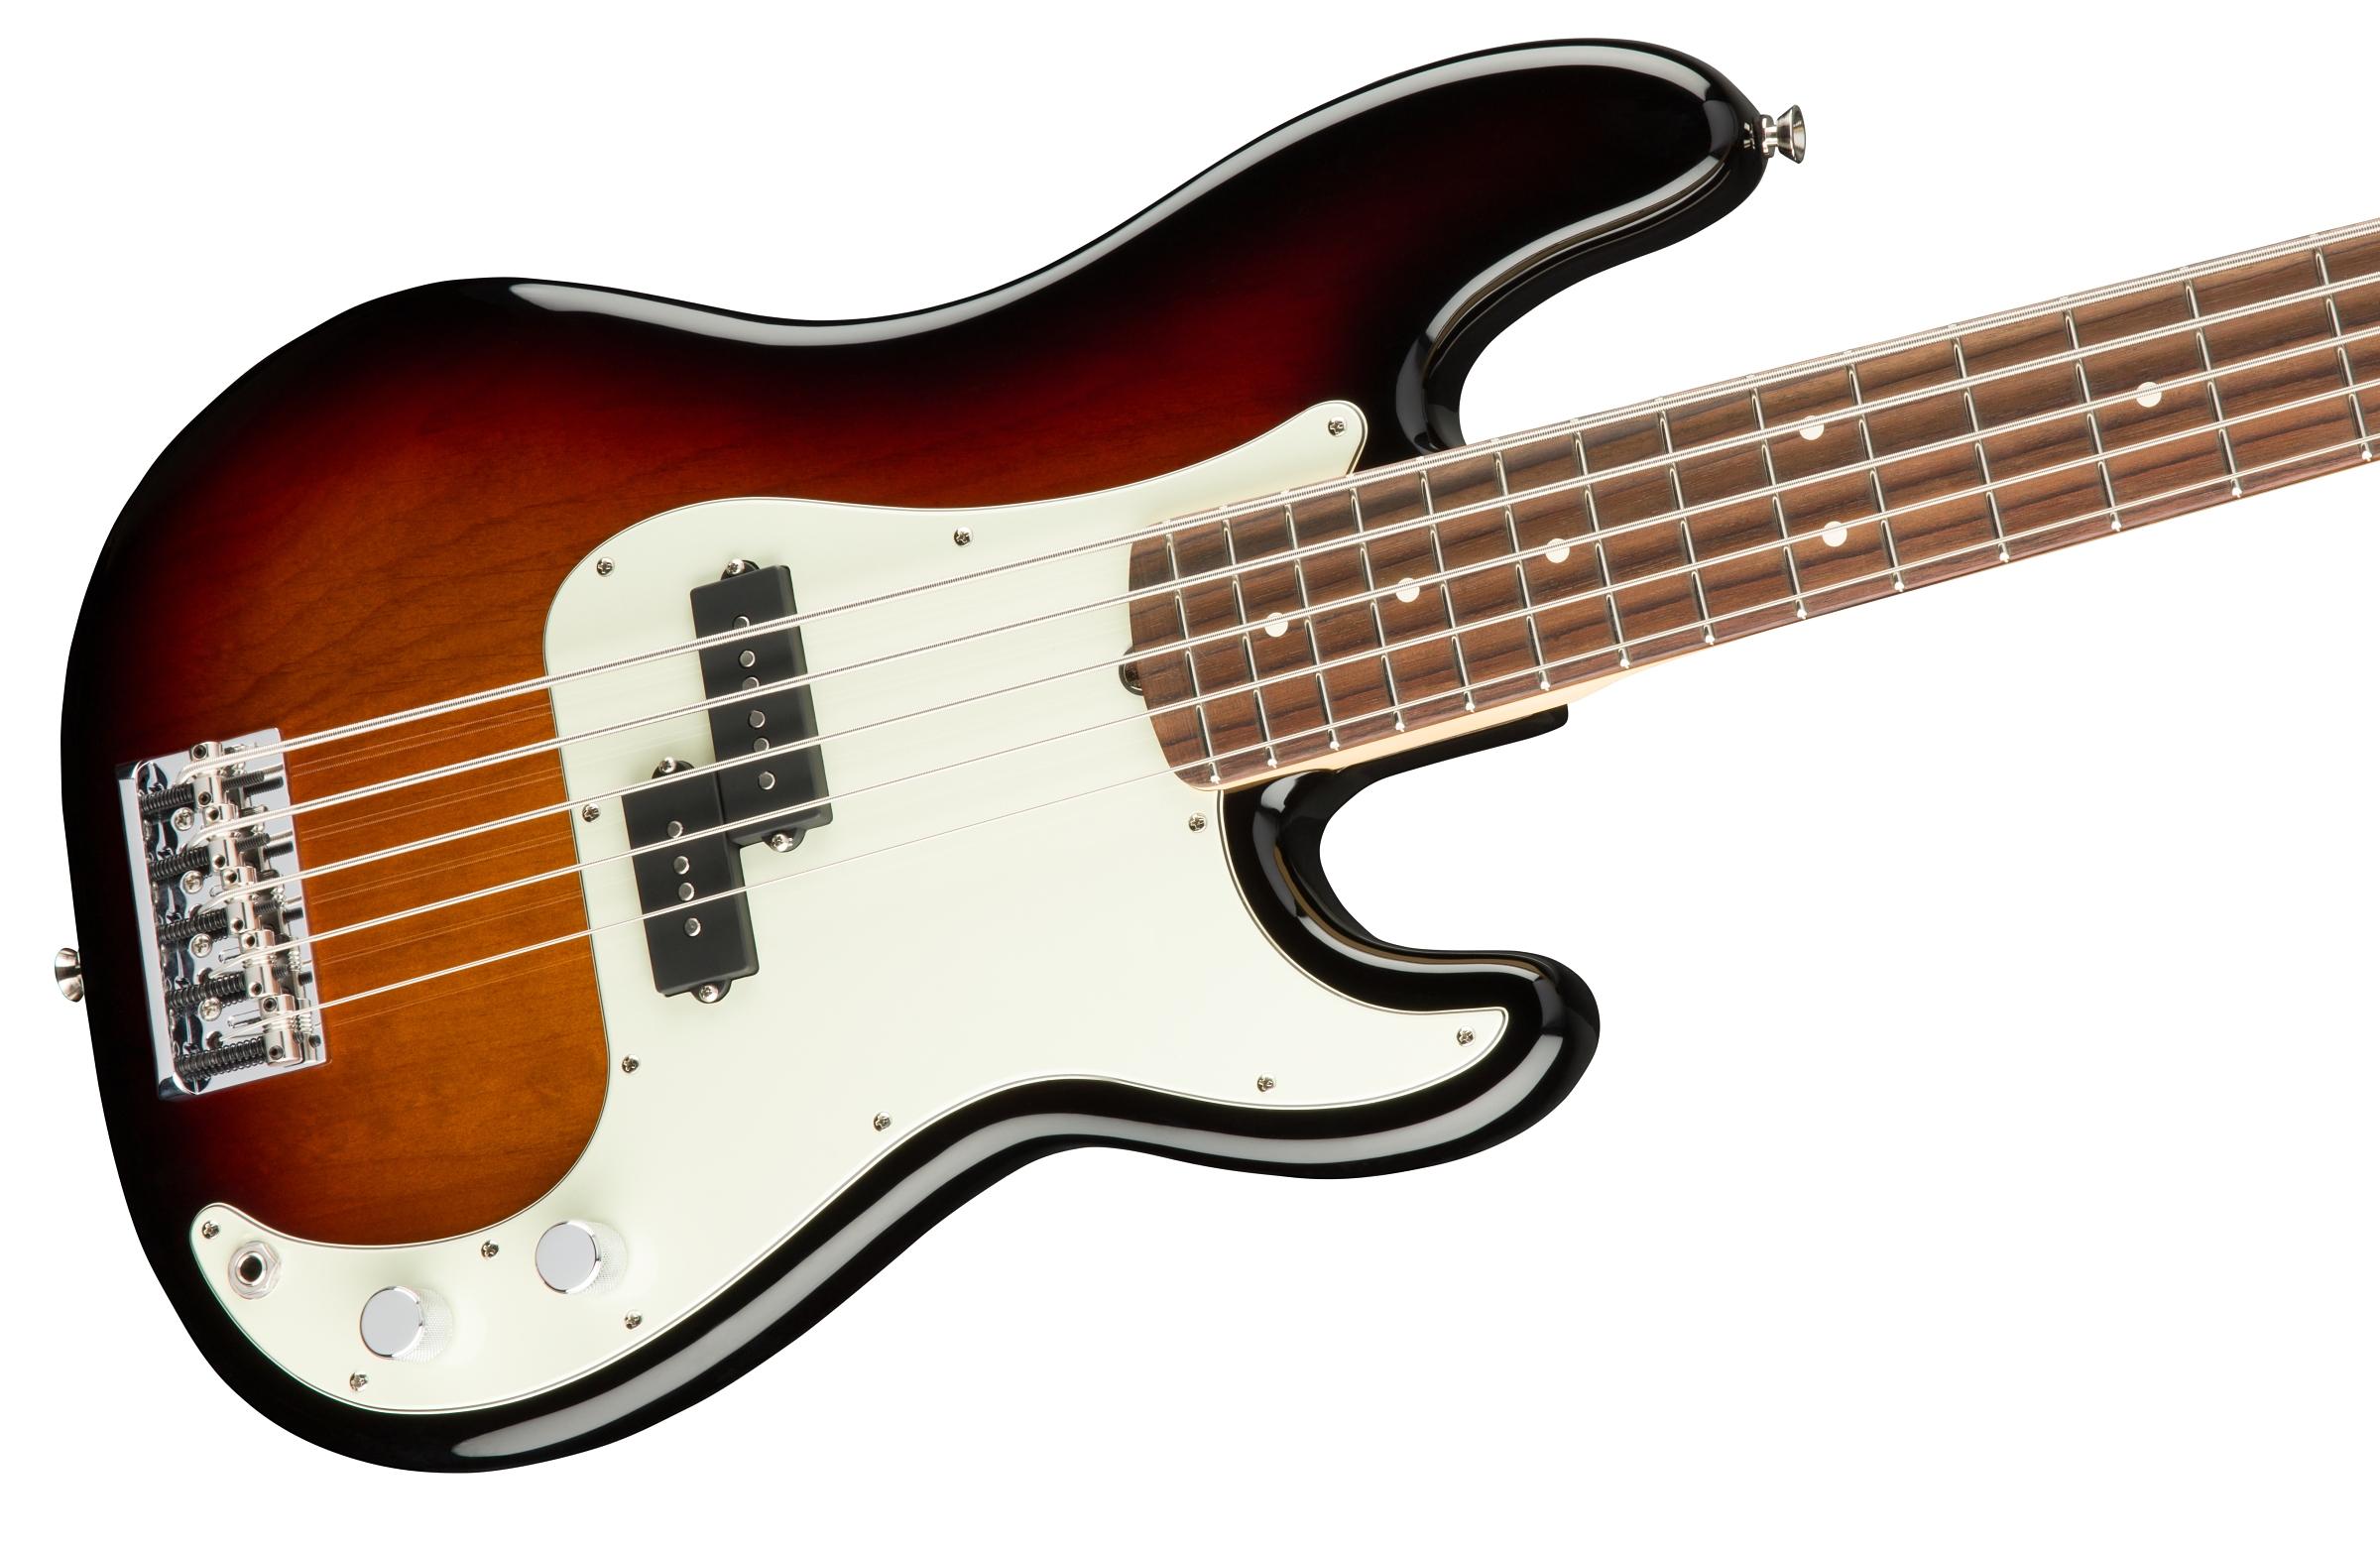 fender american pro precision bass v rosewood fingerboard 3 color sunburst. Black Bedroom Furniture Sets. Home Design Ideas